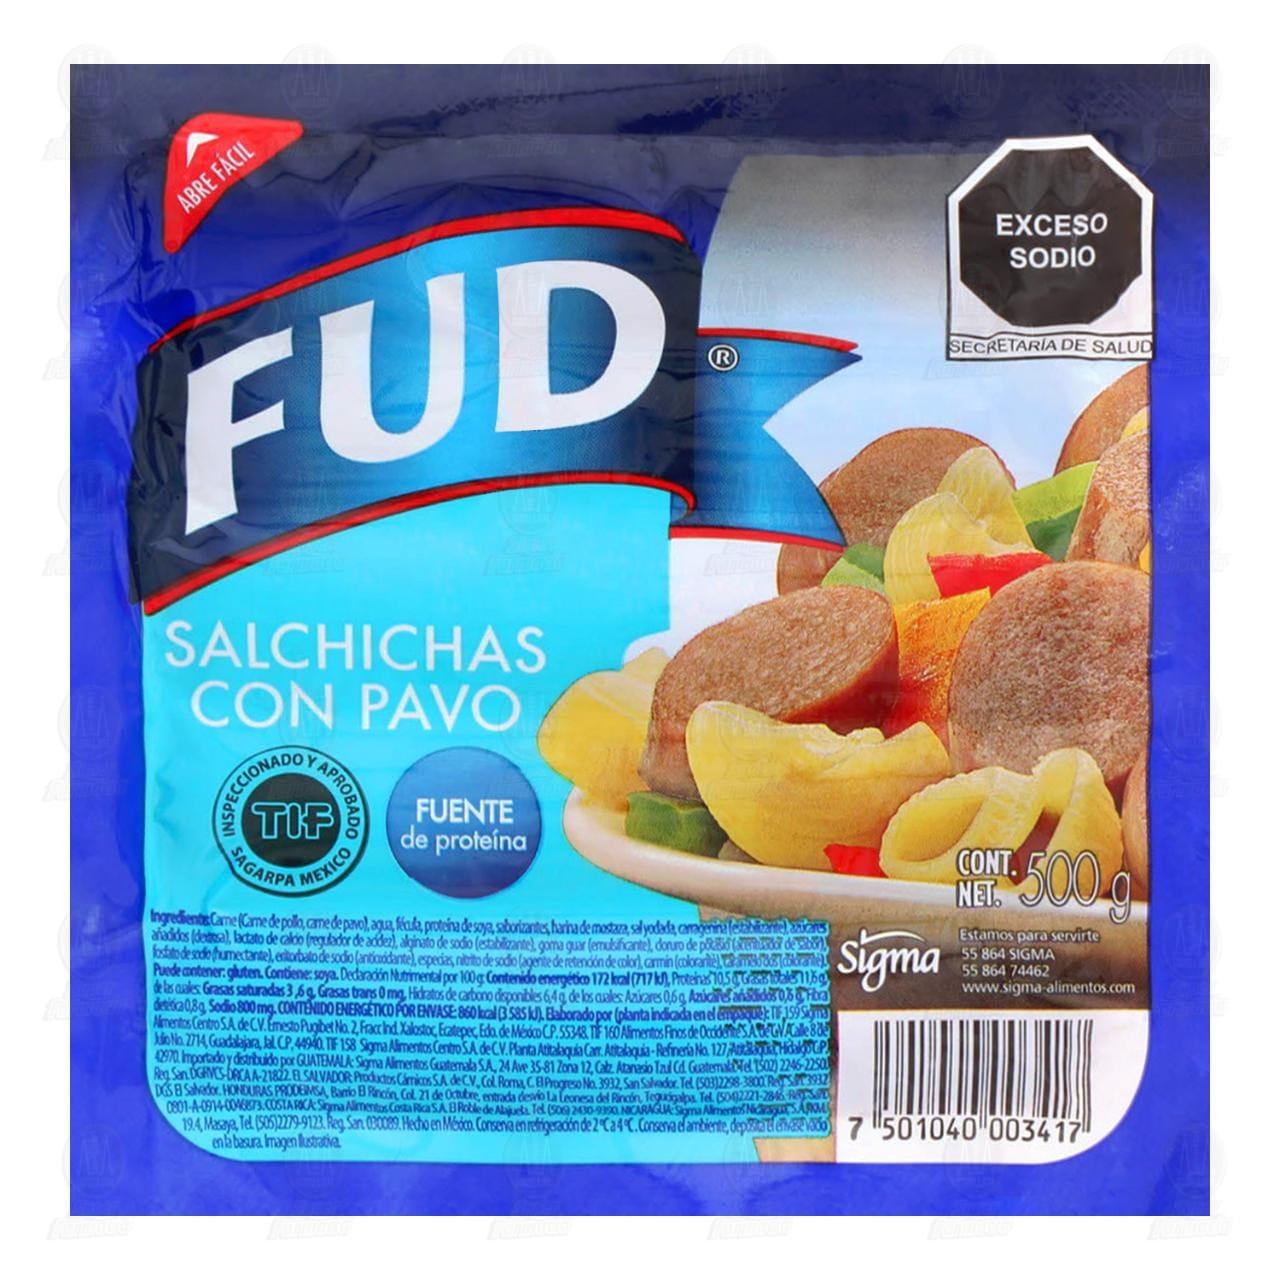 Salchichas Fud de Pavo, 500 gr.